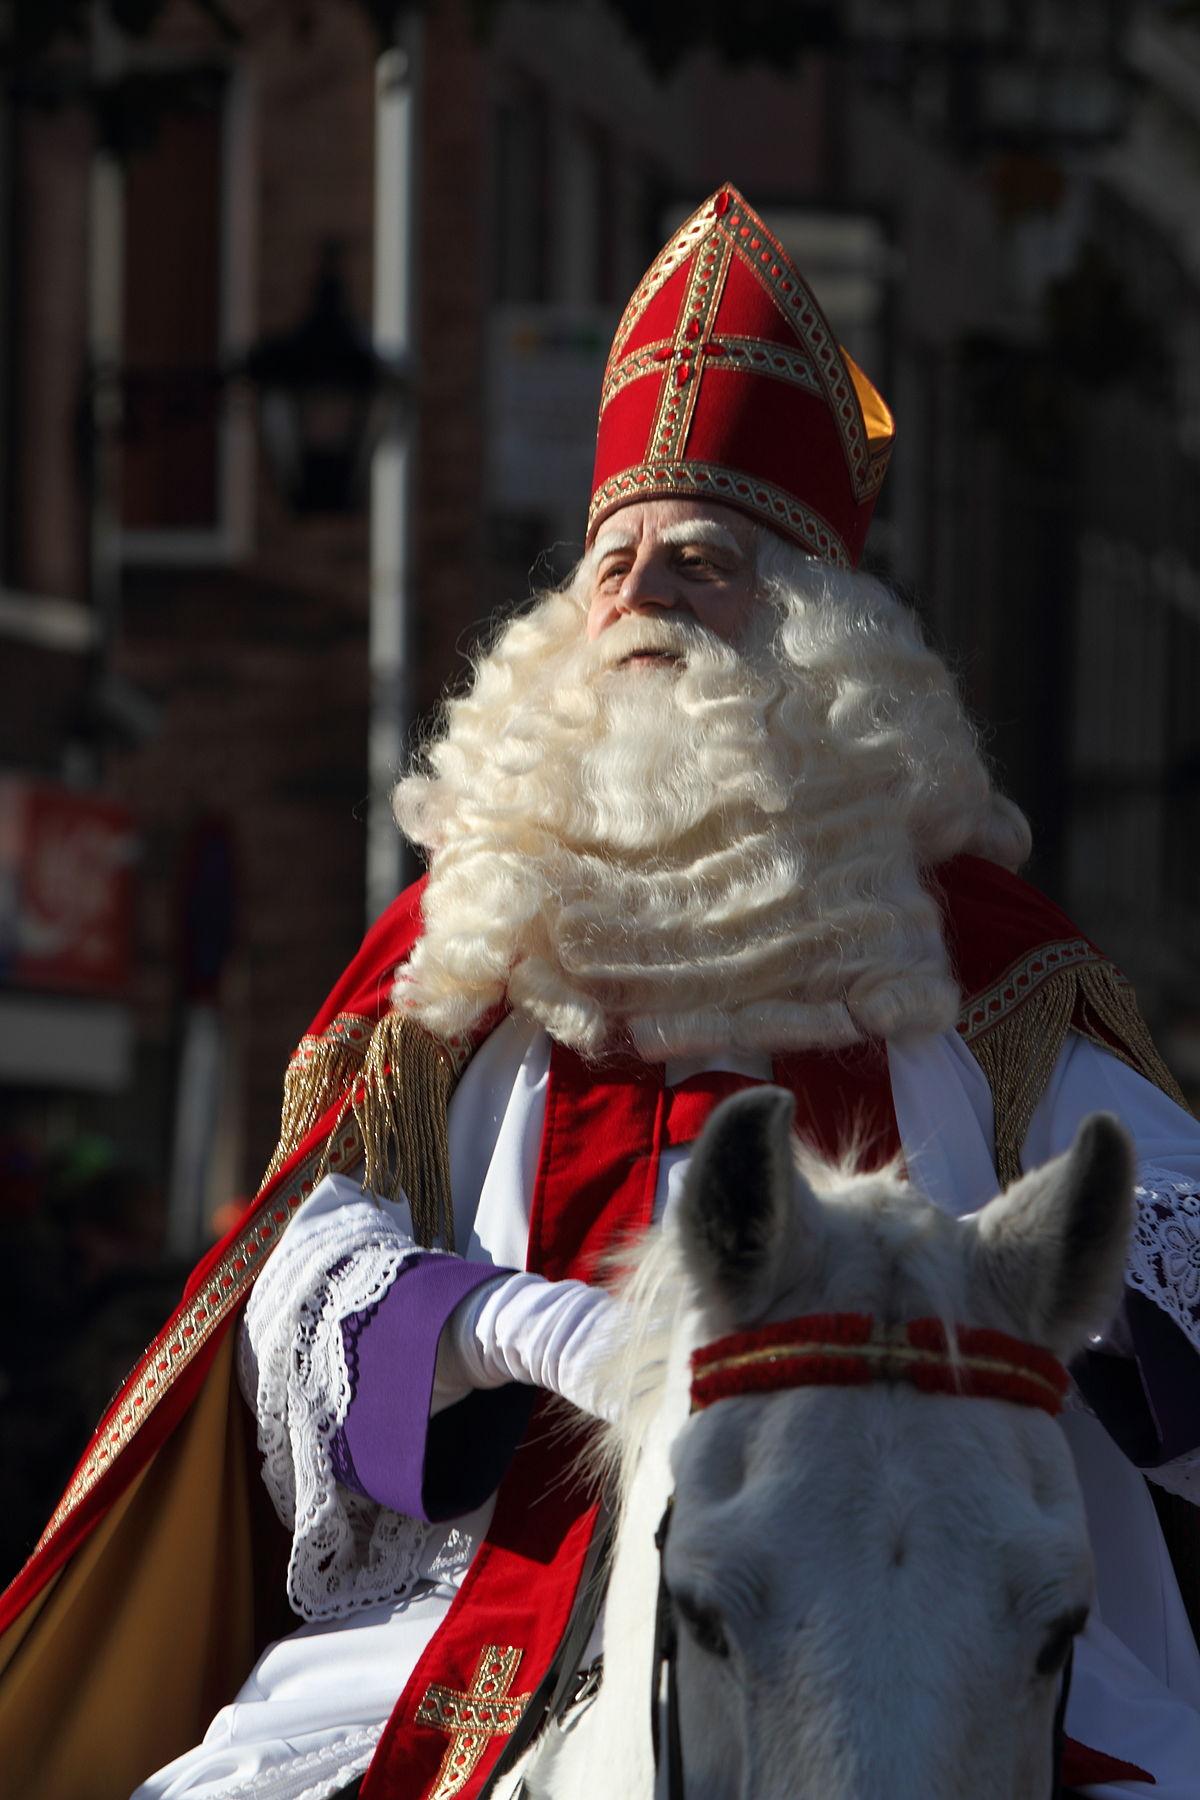 333c08edc223 Sinterklaas - Wikipedia